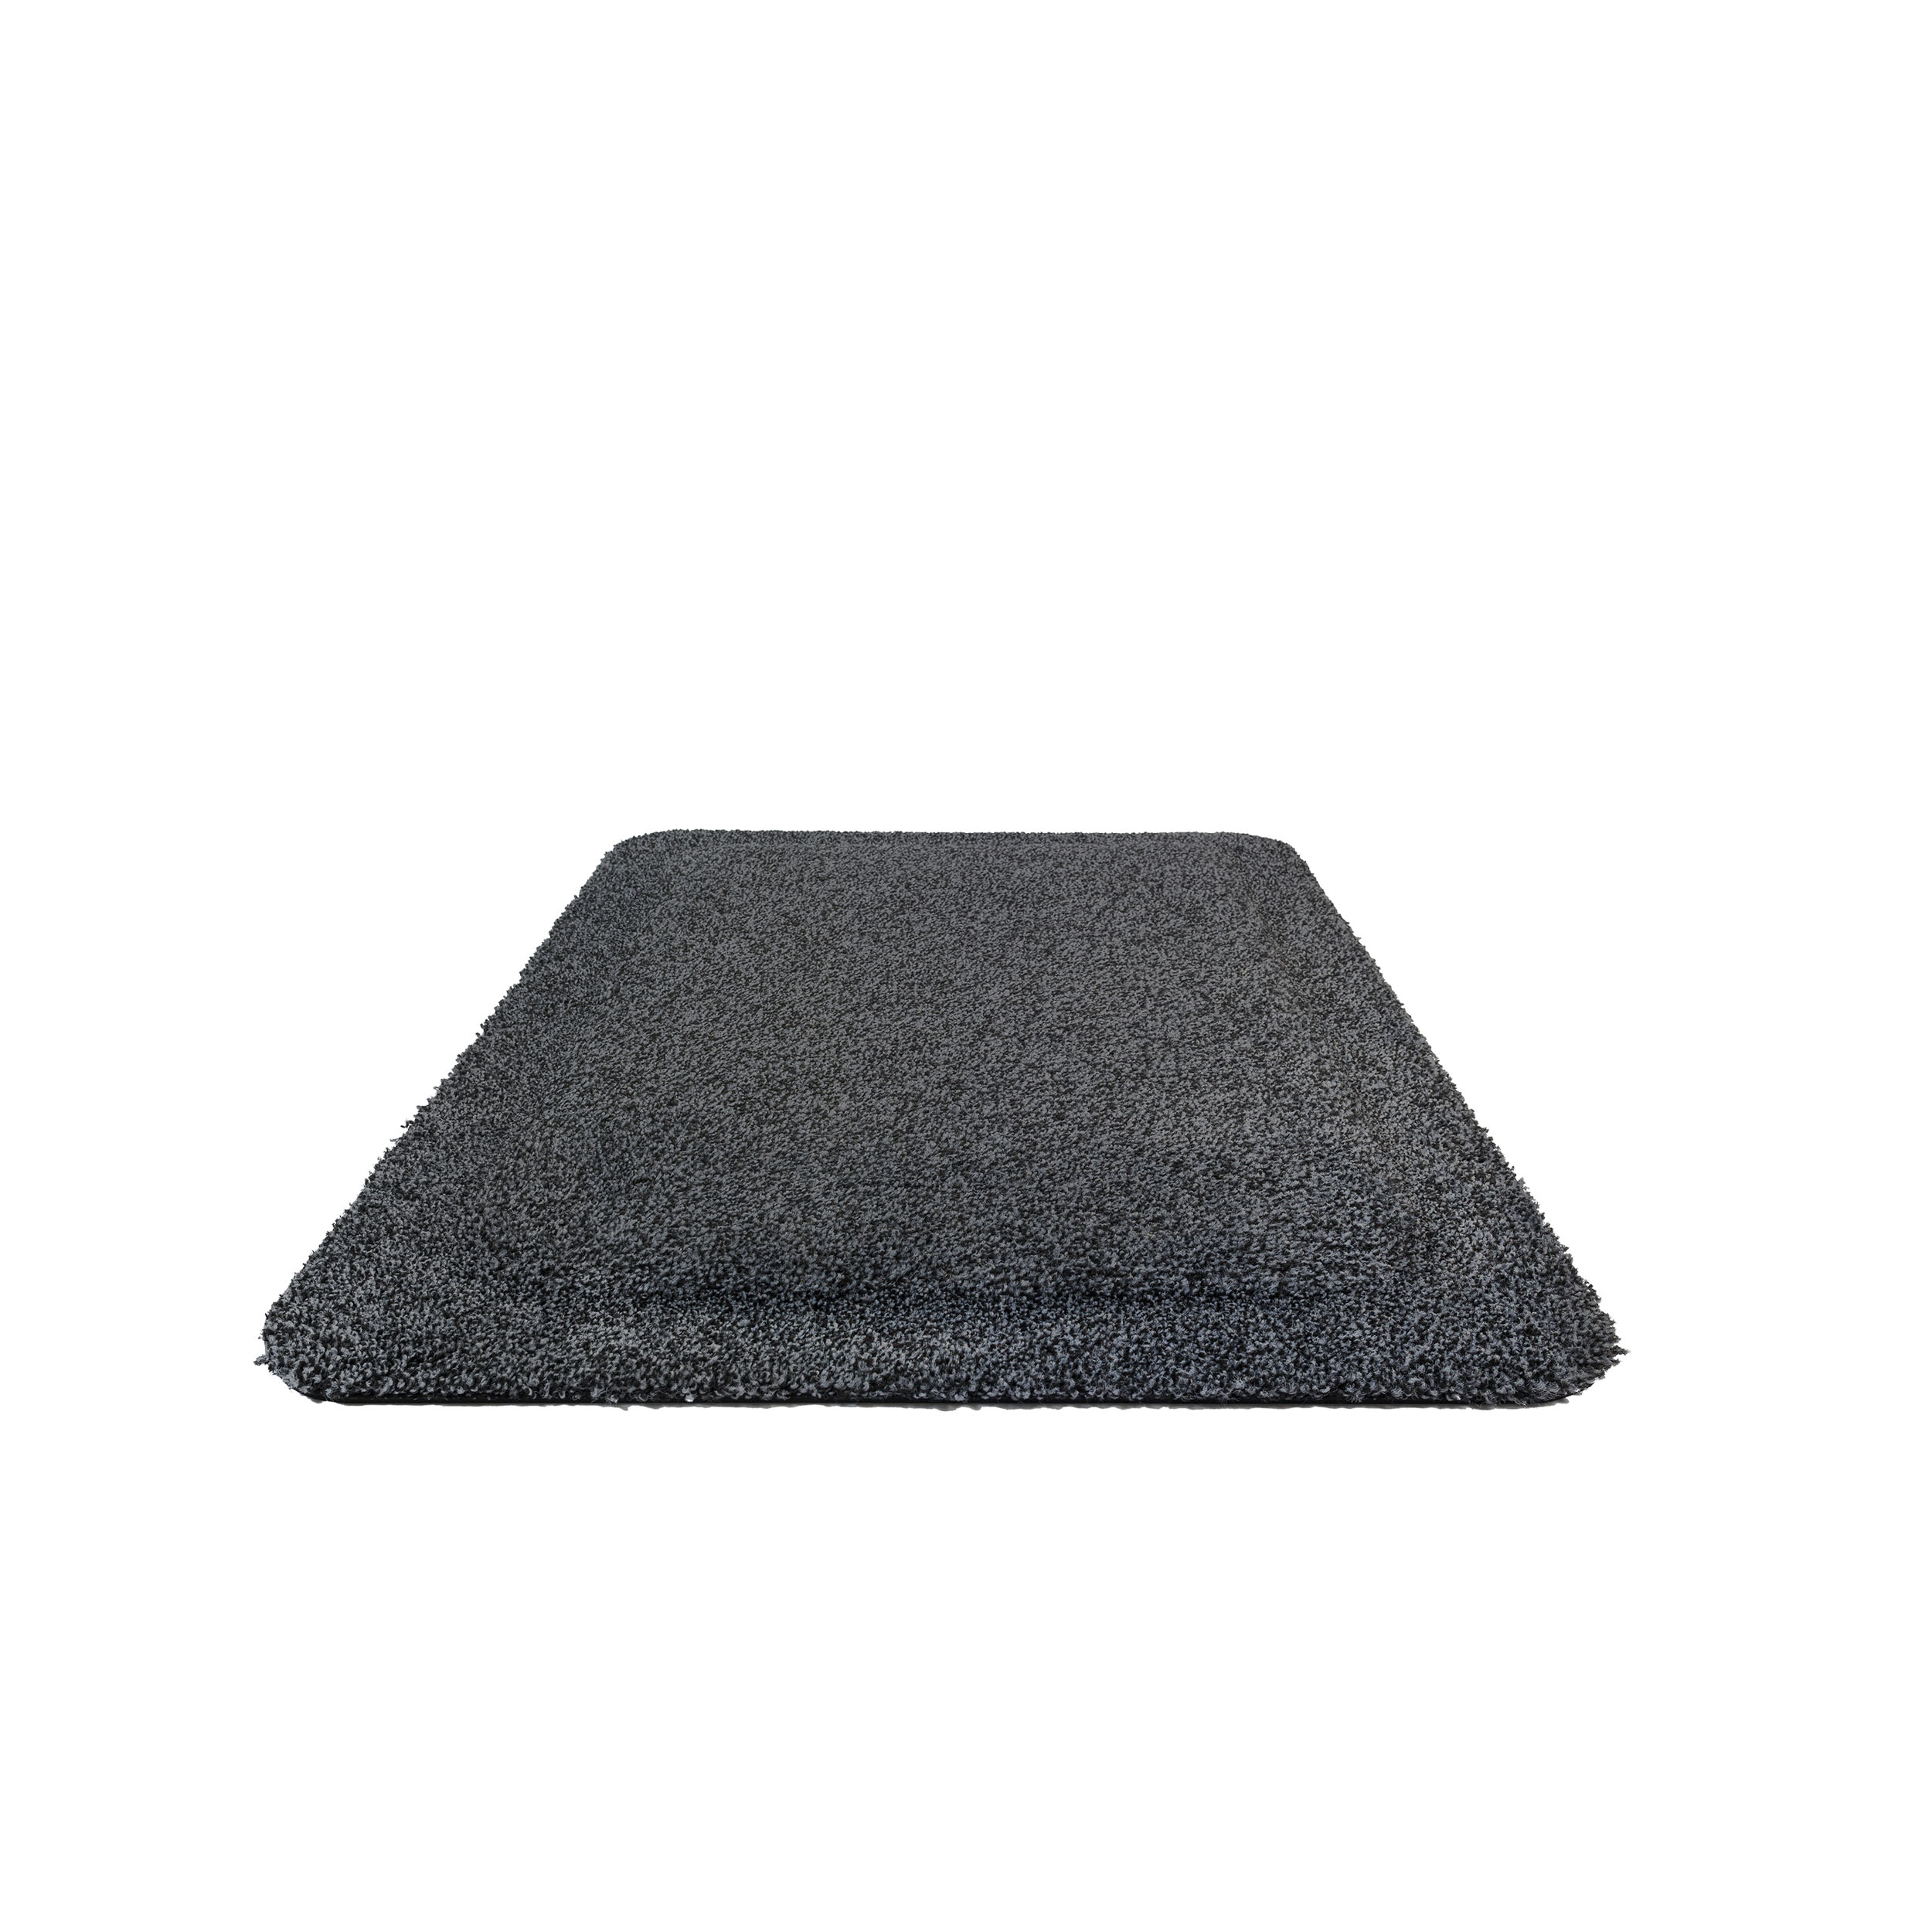 Kleen Komfort Soft Fußmatte